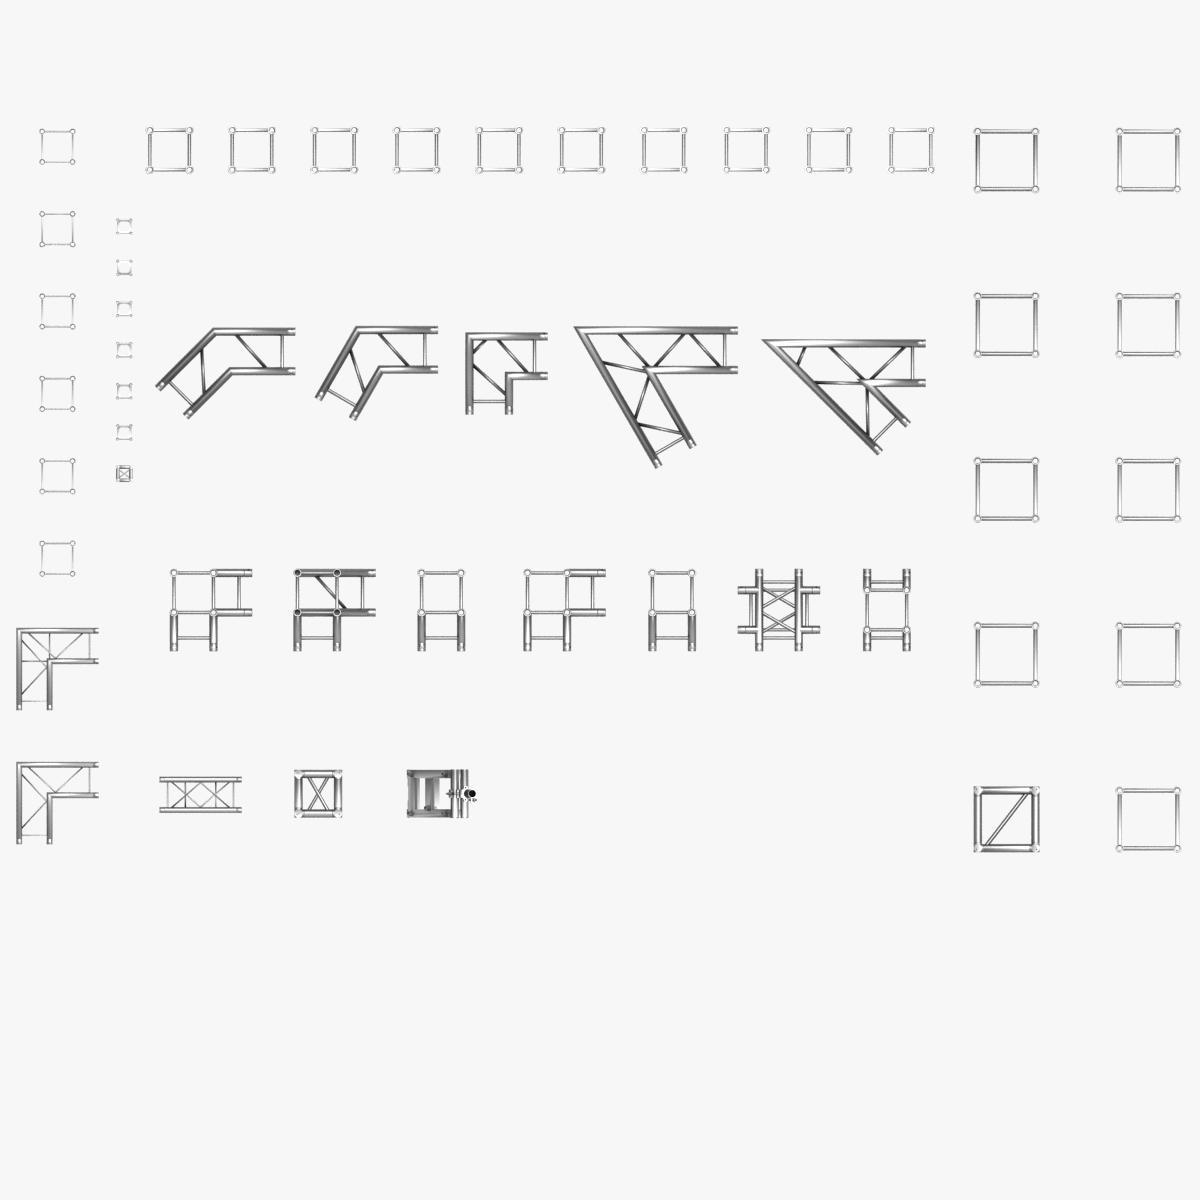 square light trusses (collection 50 modular) 3d model 3ds max dxf fbx c4d dae texture obj 216167